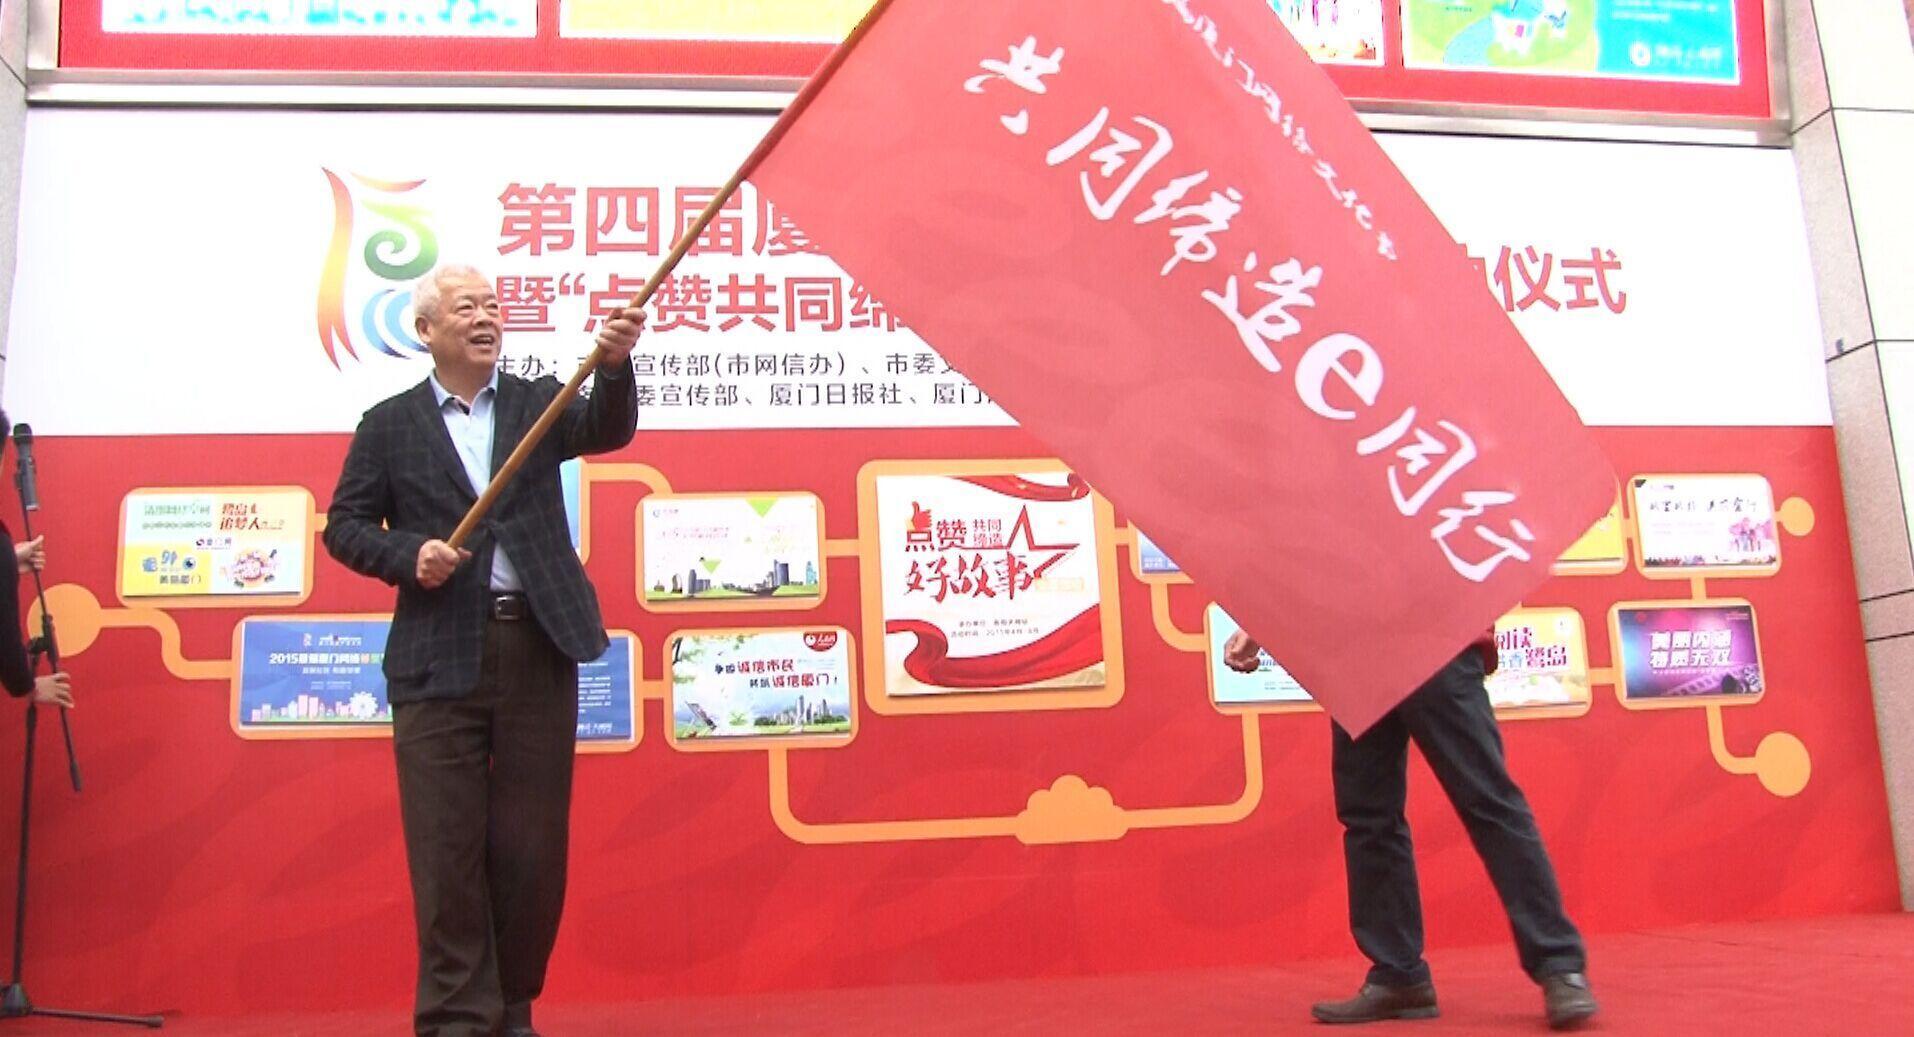 第四届厦门网络文化节启动